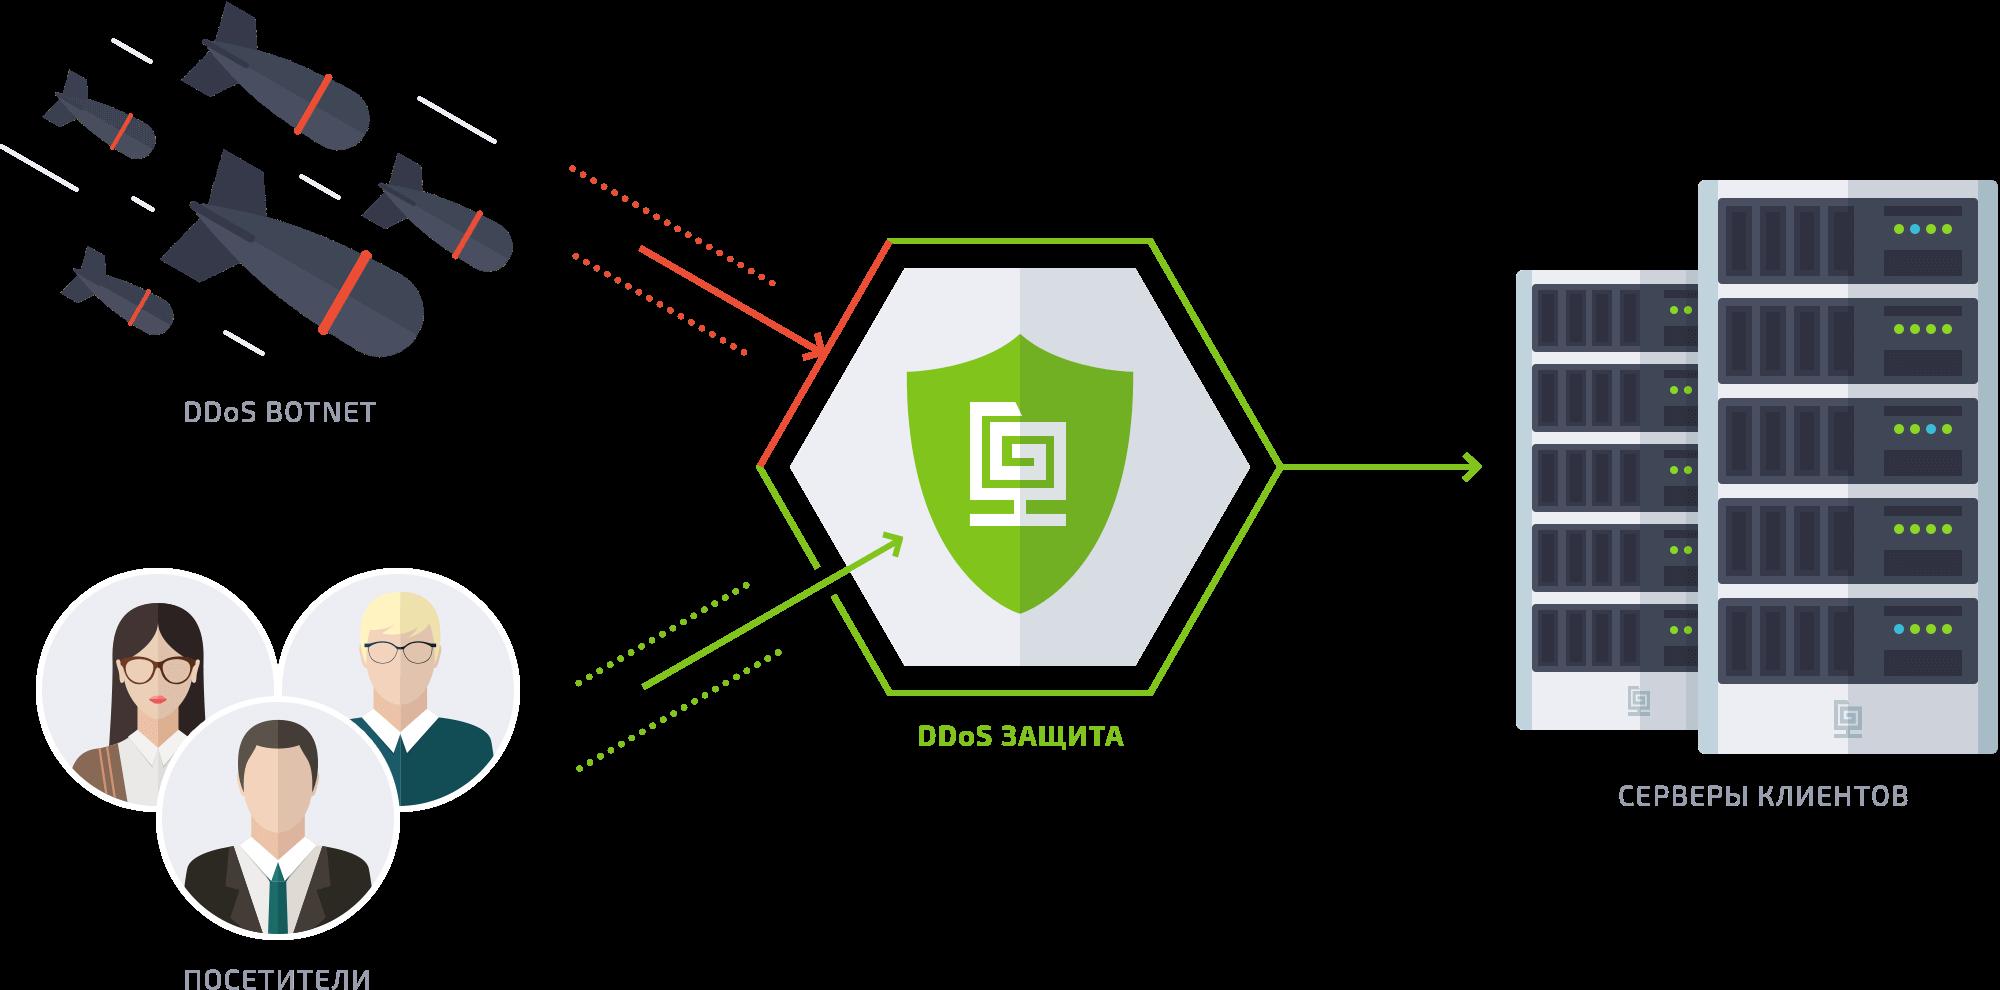 защита от ddos атак